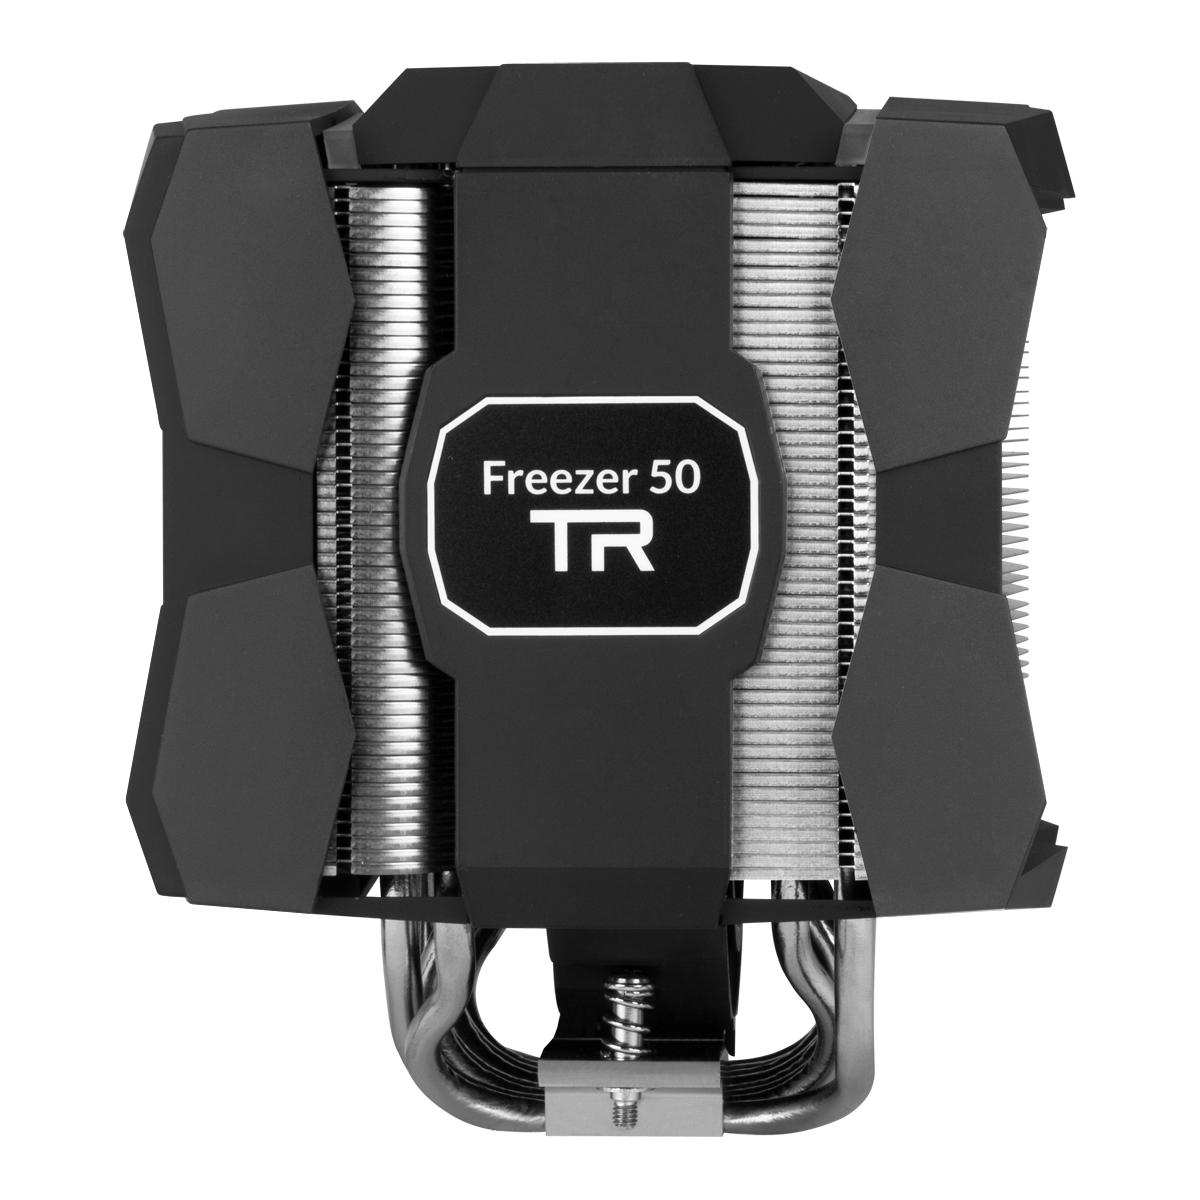 Dual Tower CPU-Kühler für AMD Ryzen™ Threadripper™ ARCTIC Freezer 50 TR Seitenansicht